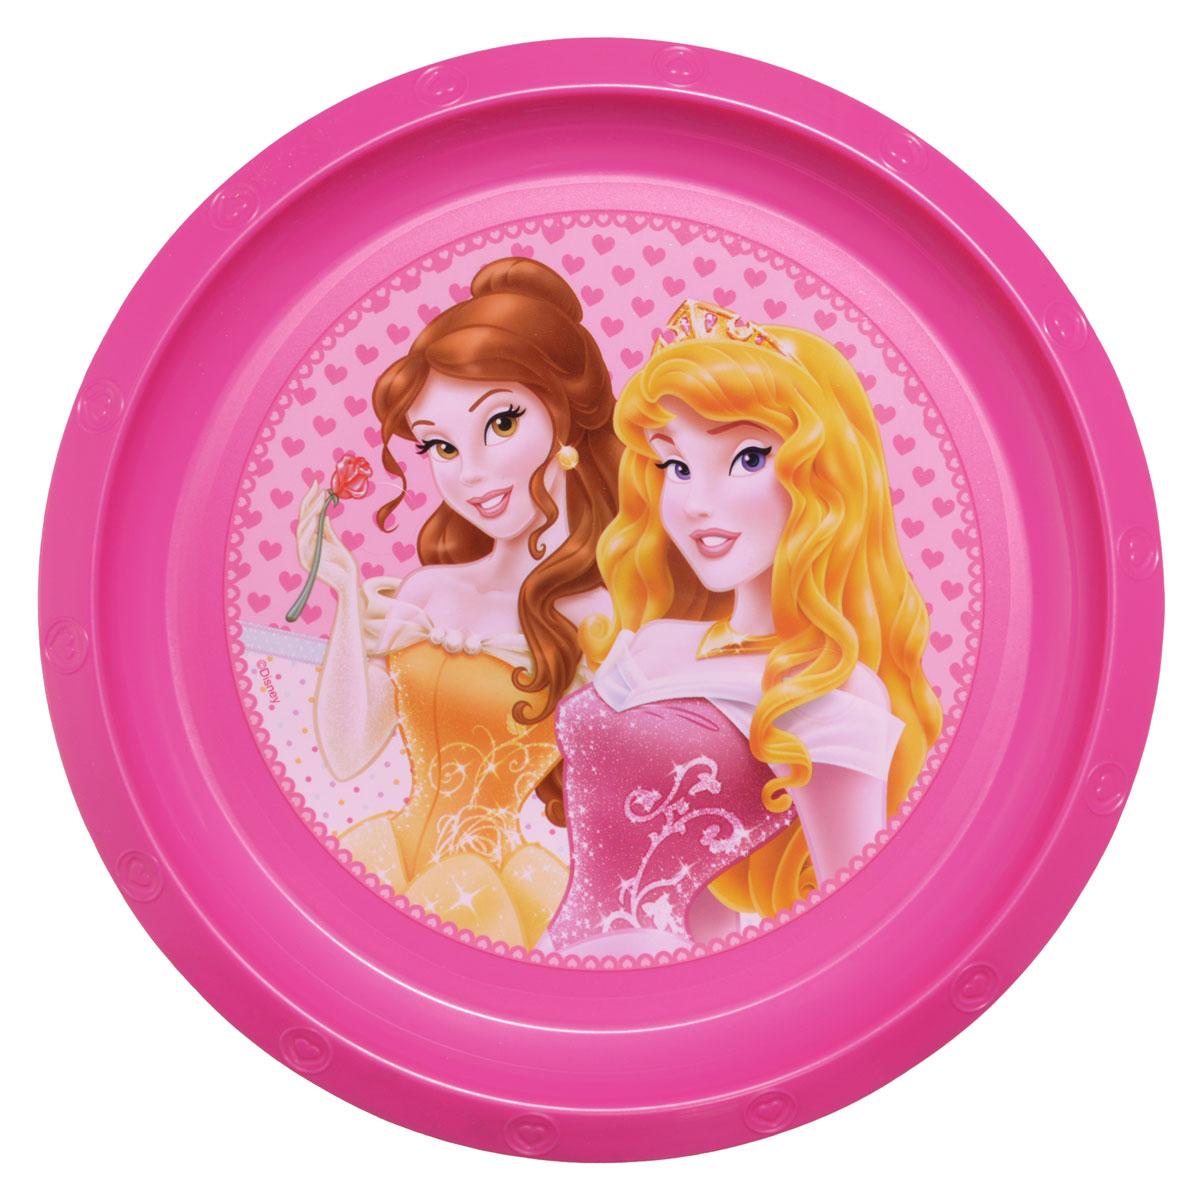 Disney Тарелка детская Принцессы диаметр 21,5 см52212Яркая тарелка Disney Принцессы идеально подойдет для кормления малыша и самостоятельного приема им пищи. Тарелка выполнена из безопасного полипропилена, дно оформлено высококачественным изображением принцесс из диснеевских сказок. Такой подарок станет не только приятным, но и практичным сувениром, добавит ярких эмоций вашему ребенку! Не предназначено для использования в СВЧ-печи и посудомоечной машине.